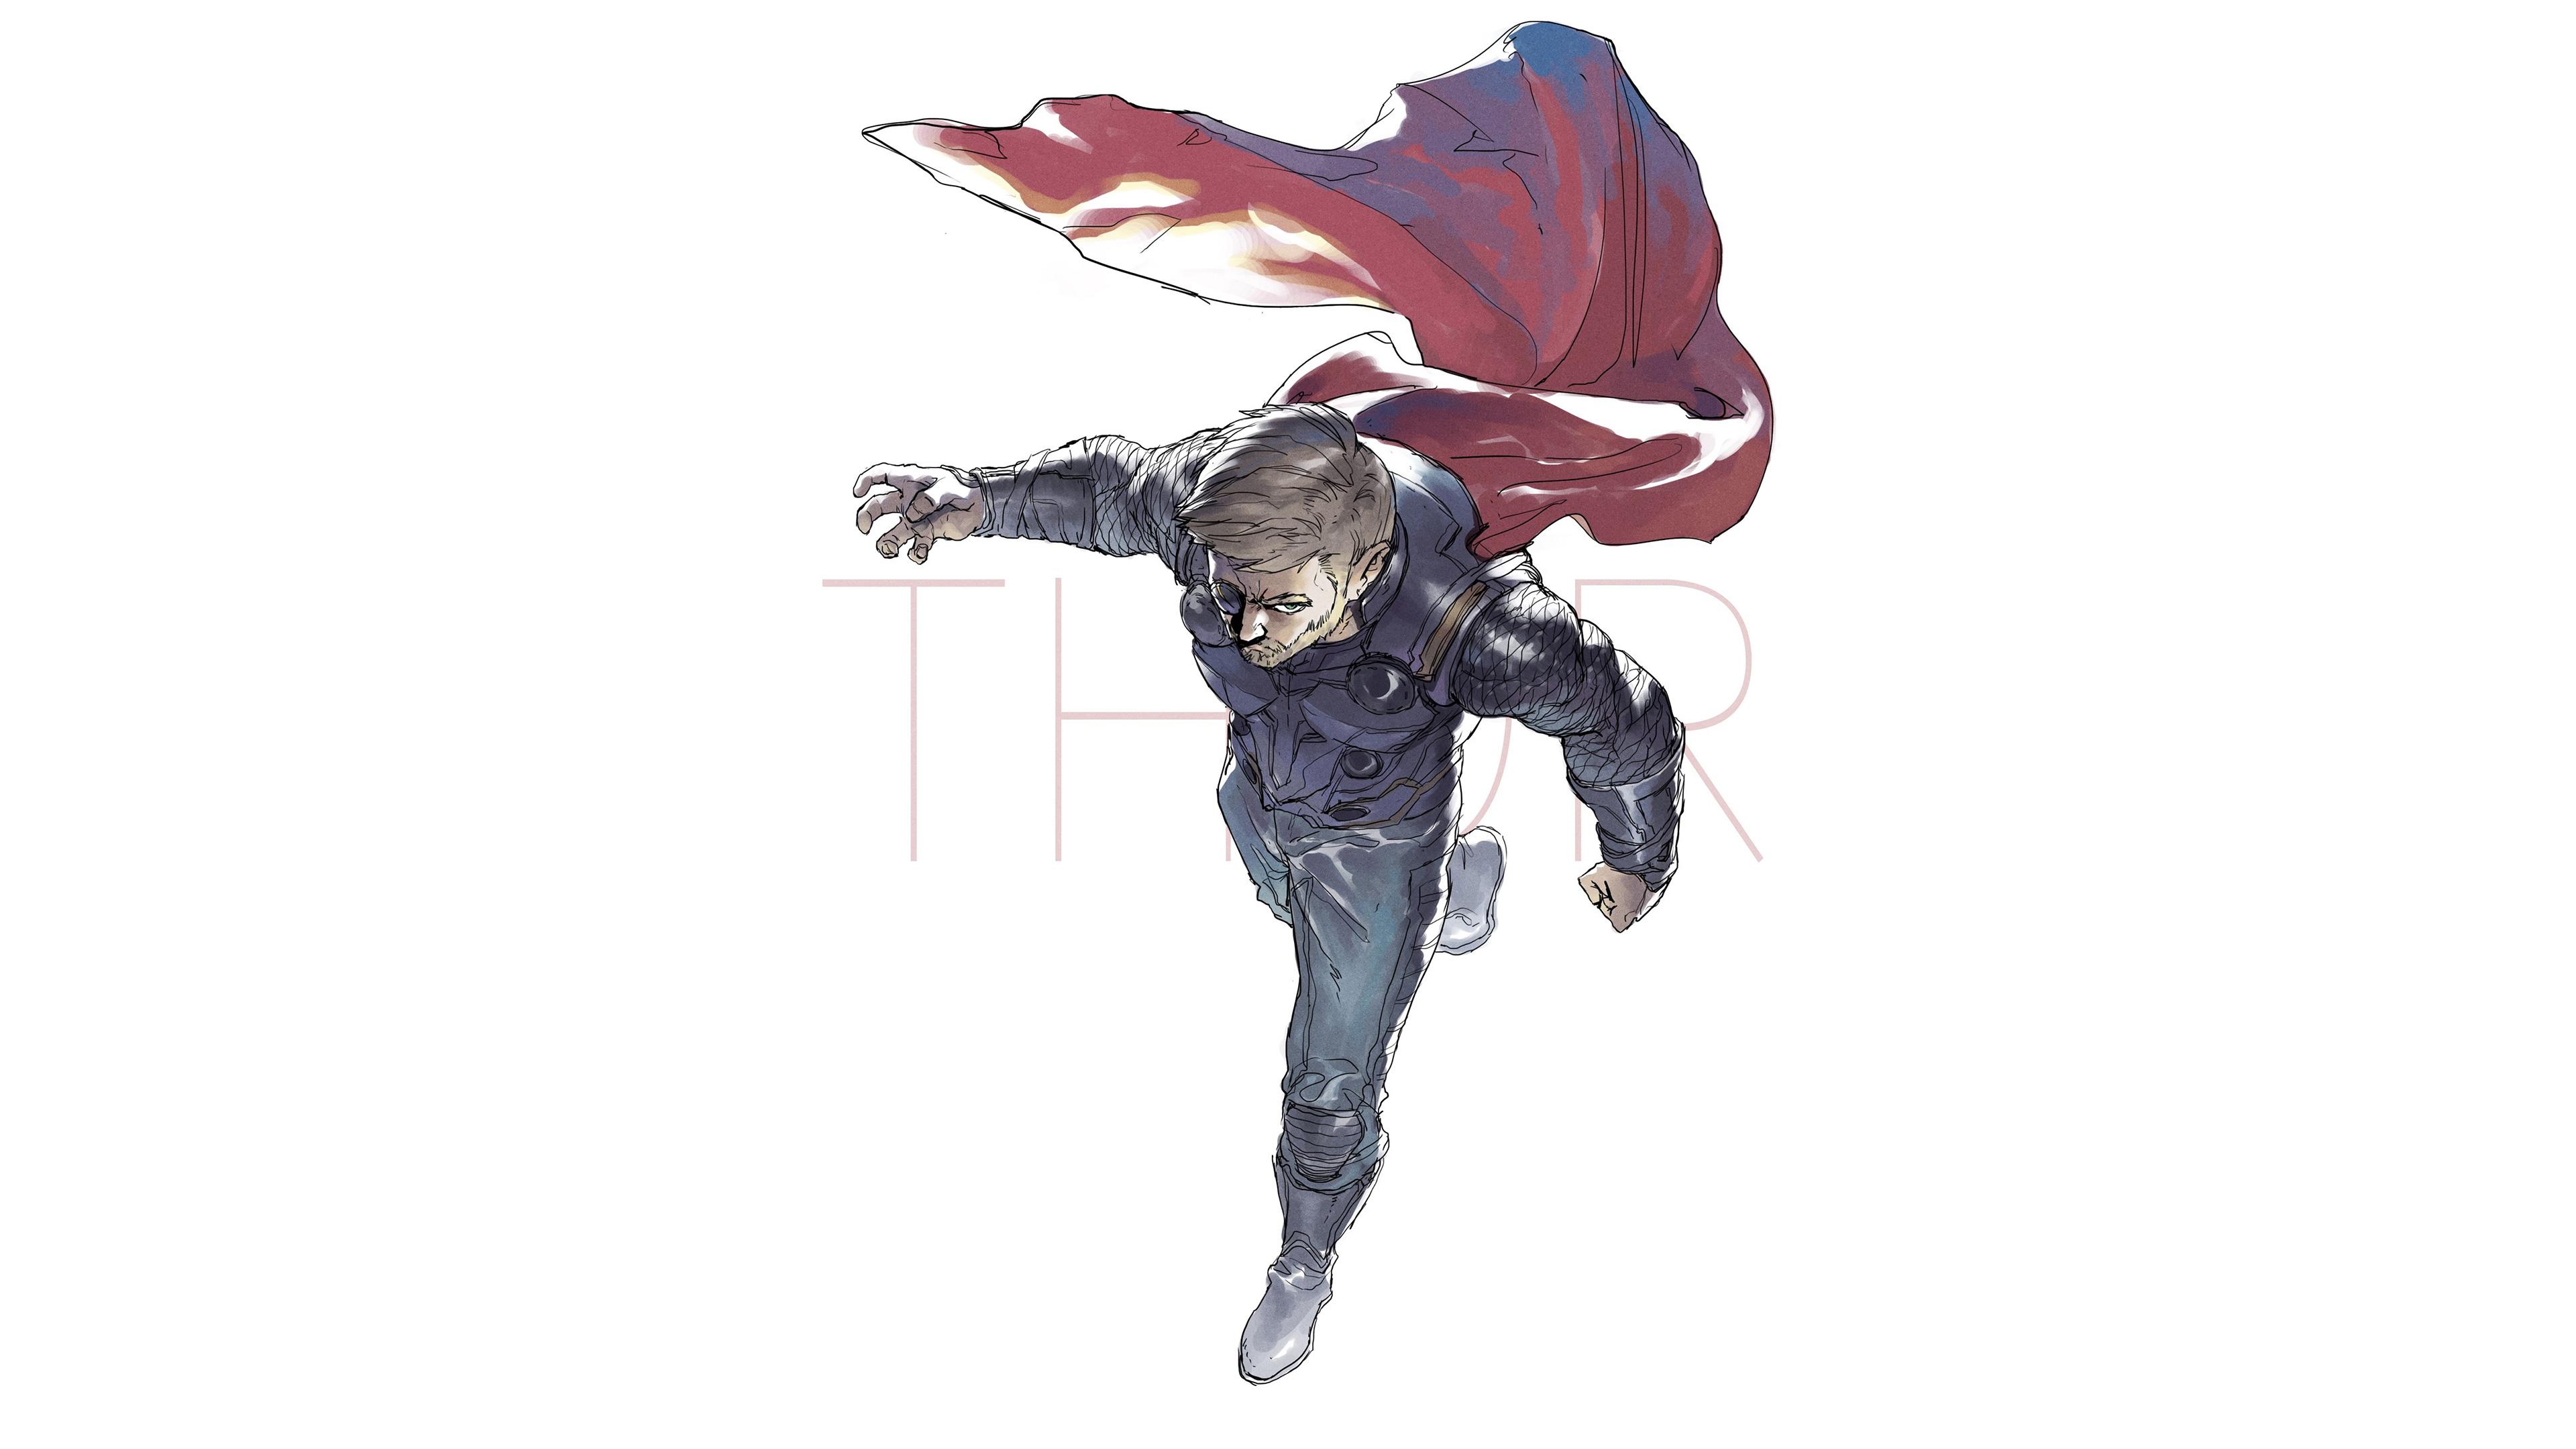 thor artwork for avengers infinity war 1536521803 - Thor Artwork For Avengers Infinity War - thor wallpapers, hd-wallpapers, deviantart wallpapers, avengers-infinity-war-wallpapers, artwork wallpapers, artist wallpapers, 4k-wallpapers